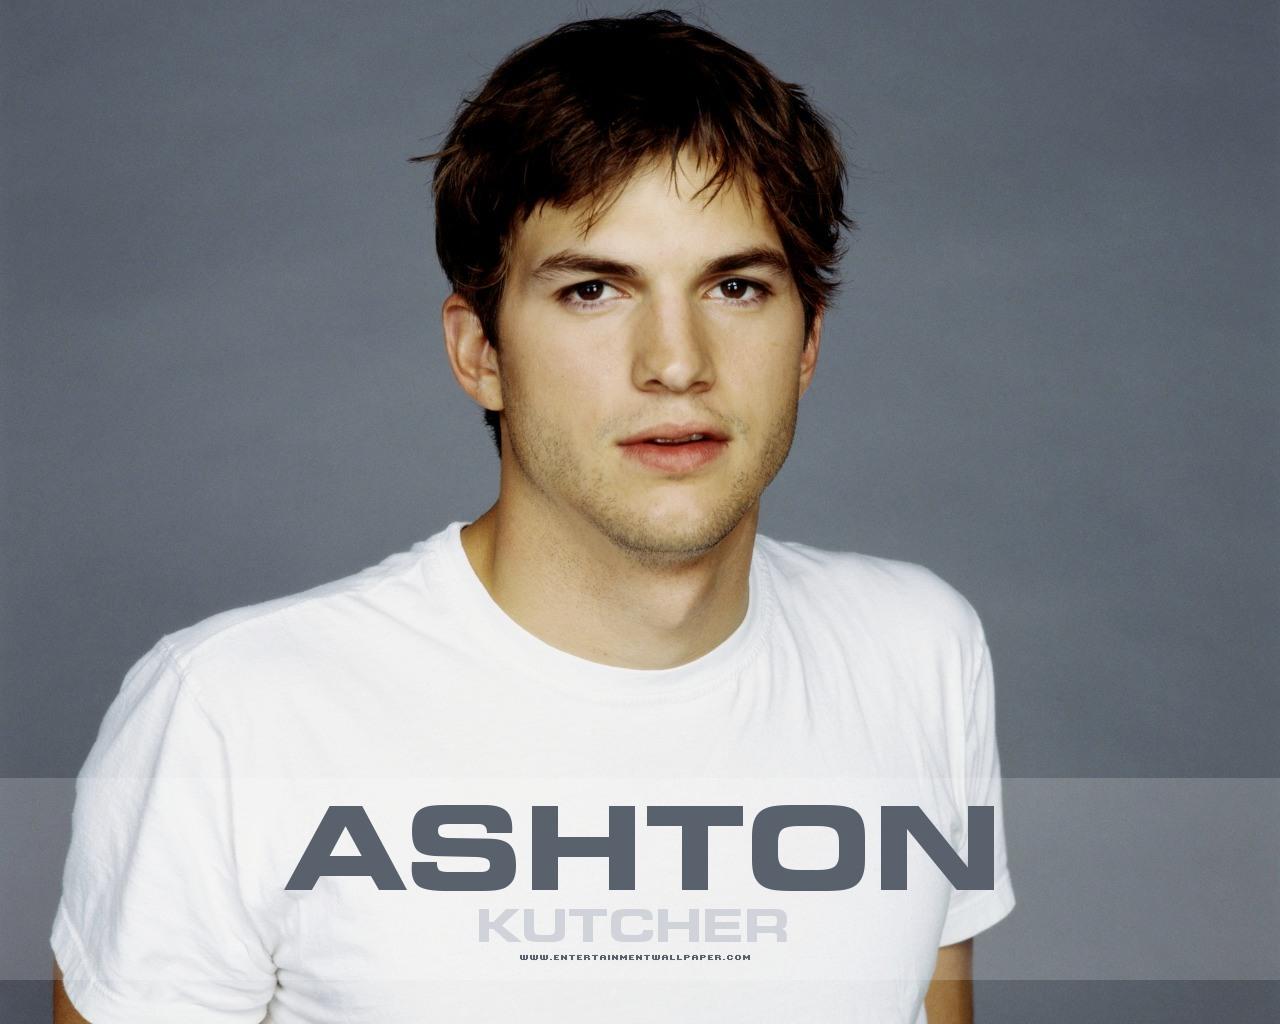 http://3.bp.blogspot.com/-P0m-iETwa4c/UBb2lC4qrJI/AAAAAAAAALs/5_9iLJ5Br18/s1600/Ashton-Kutcher--ashton-kutcher-645111_1280_1024.jpg